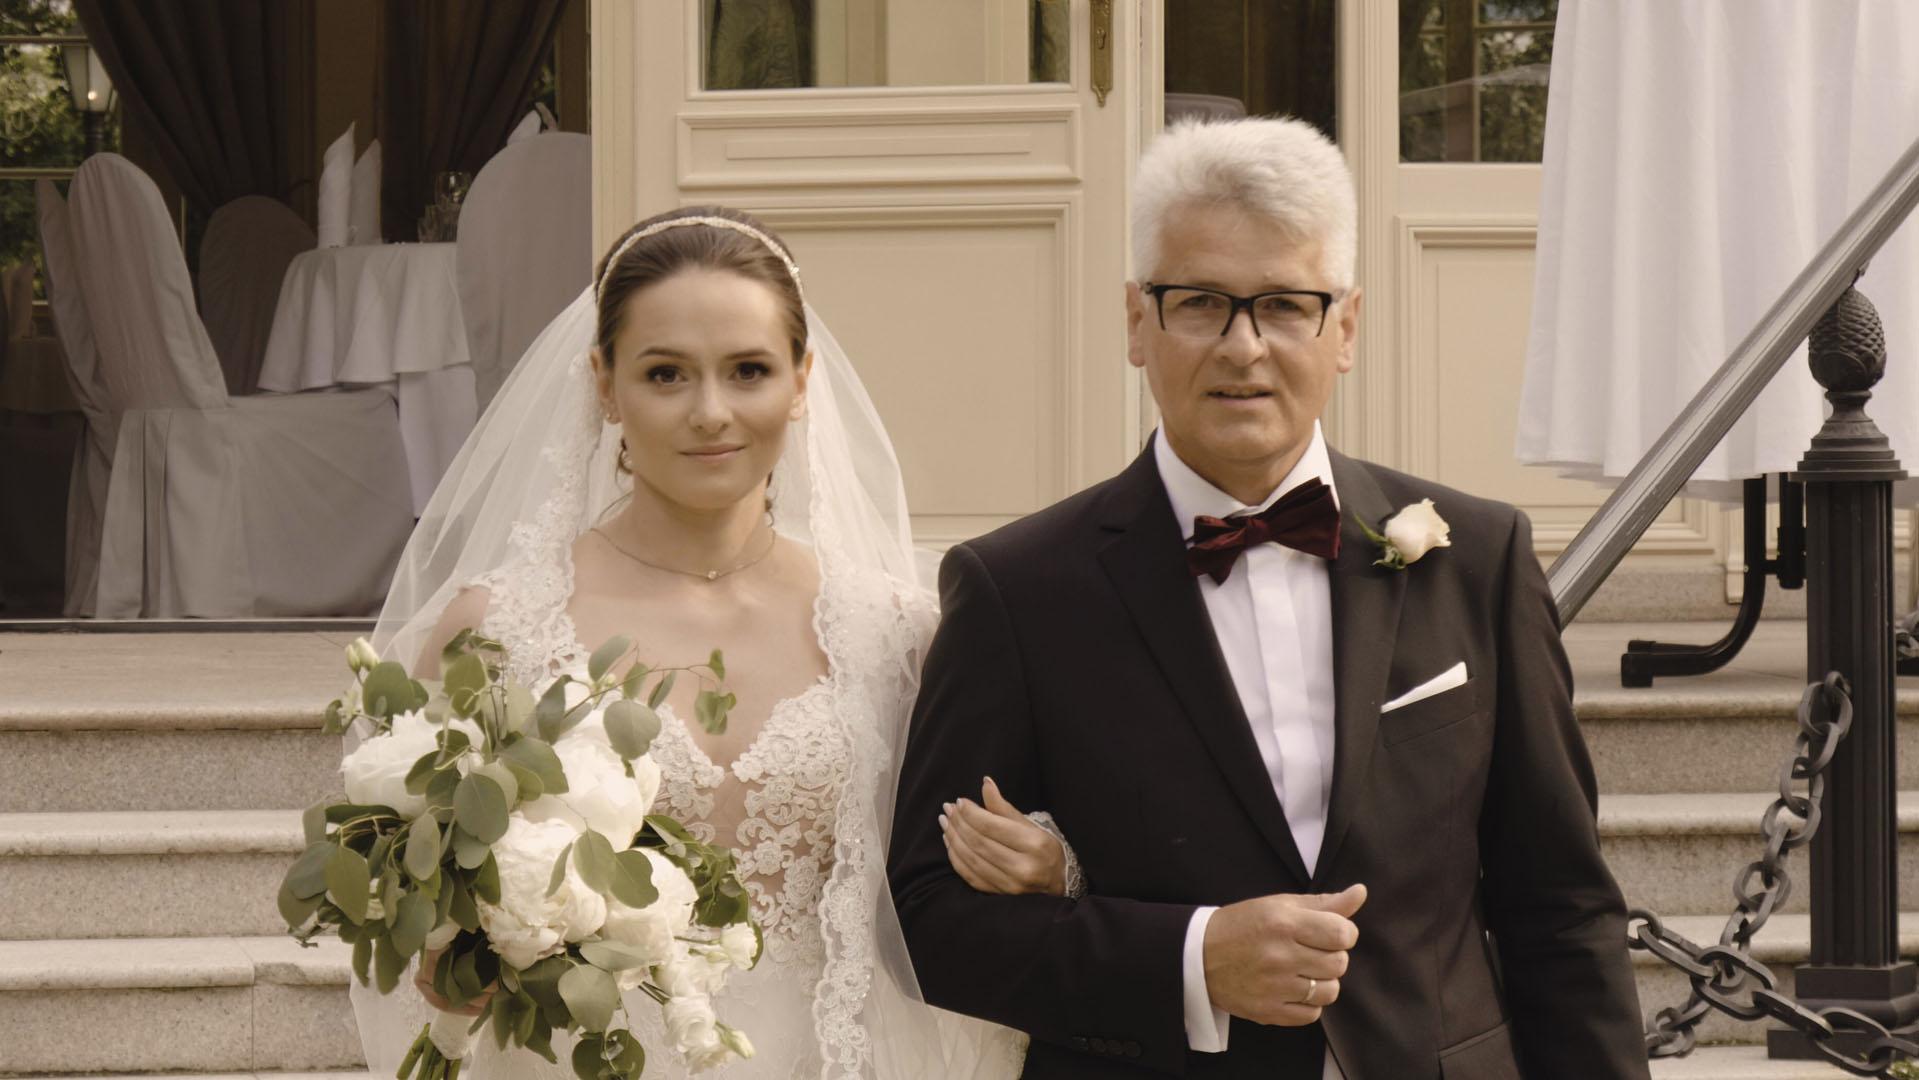 34 ojciec prowadzi córkę do ślubu teledysk ślubny